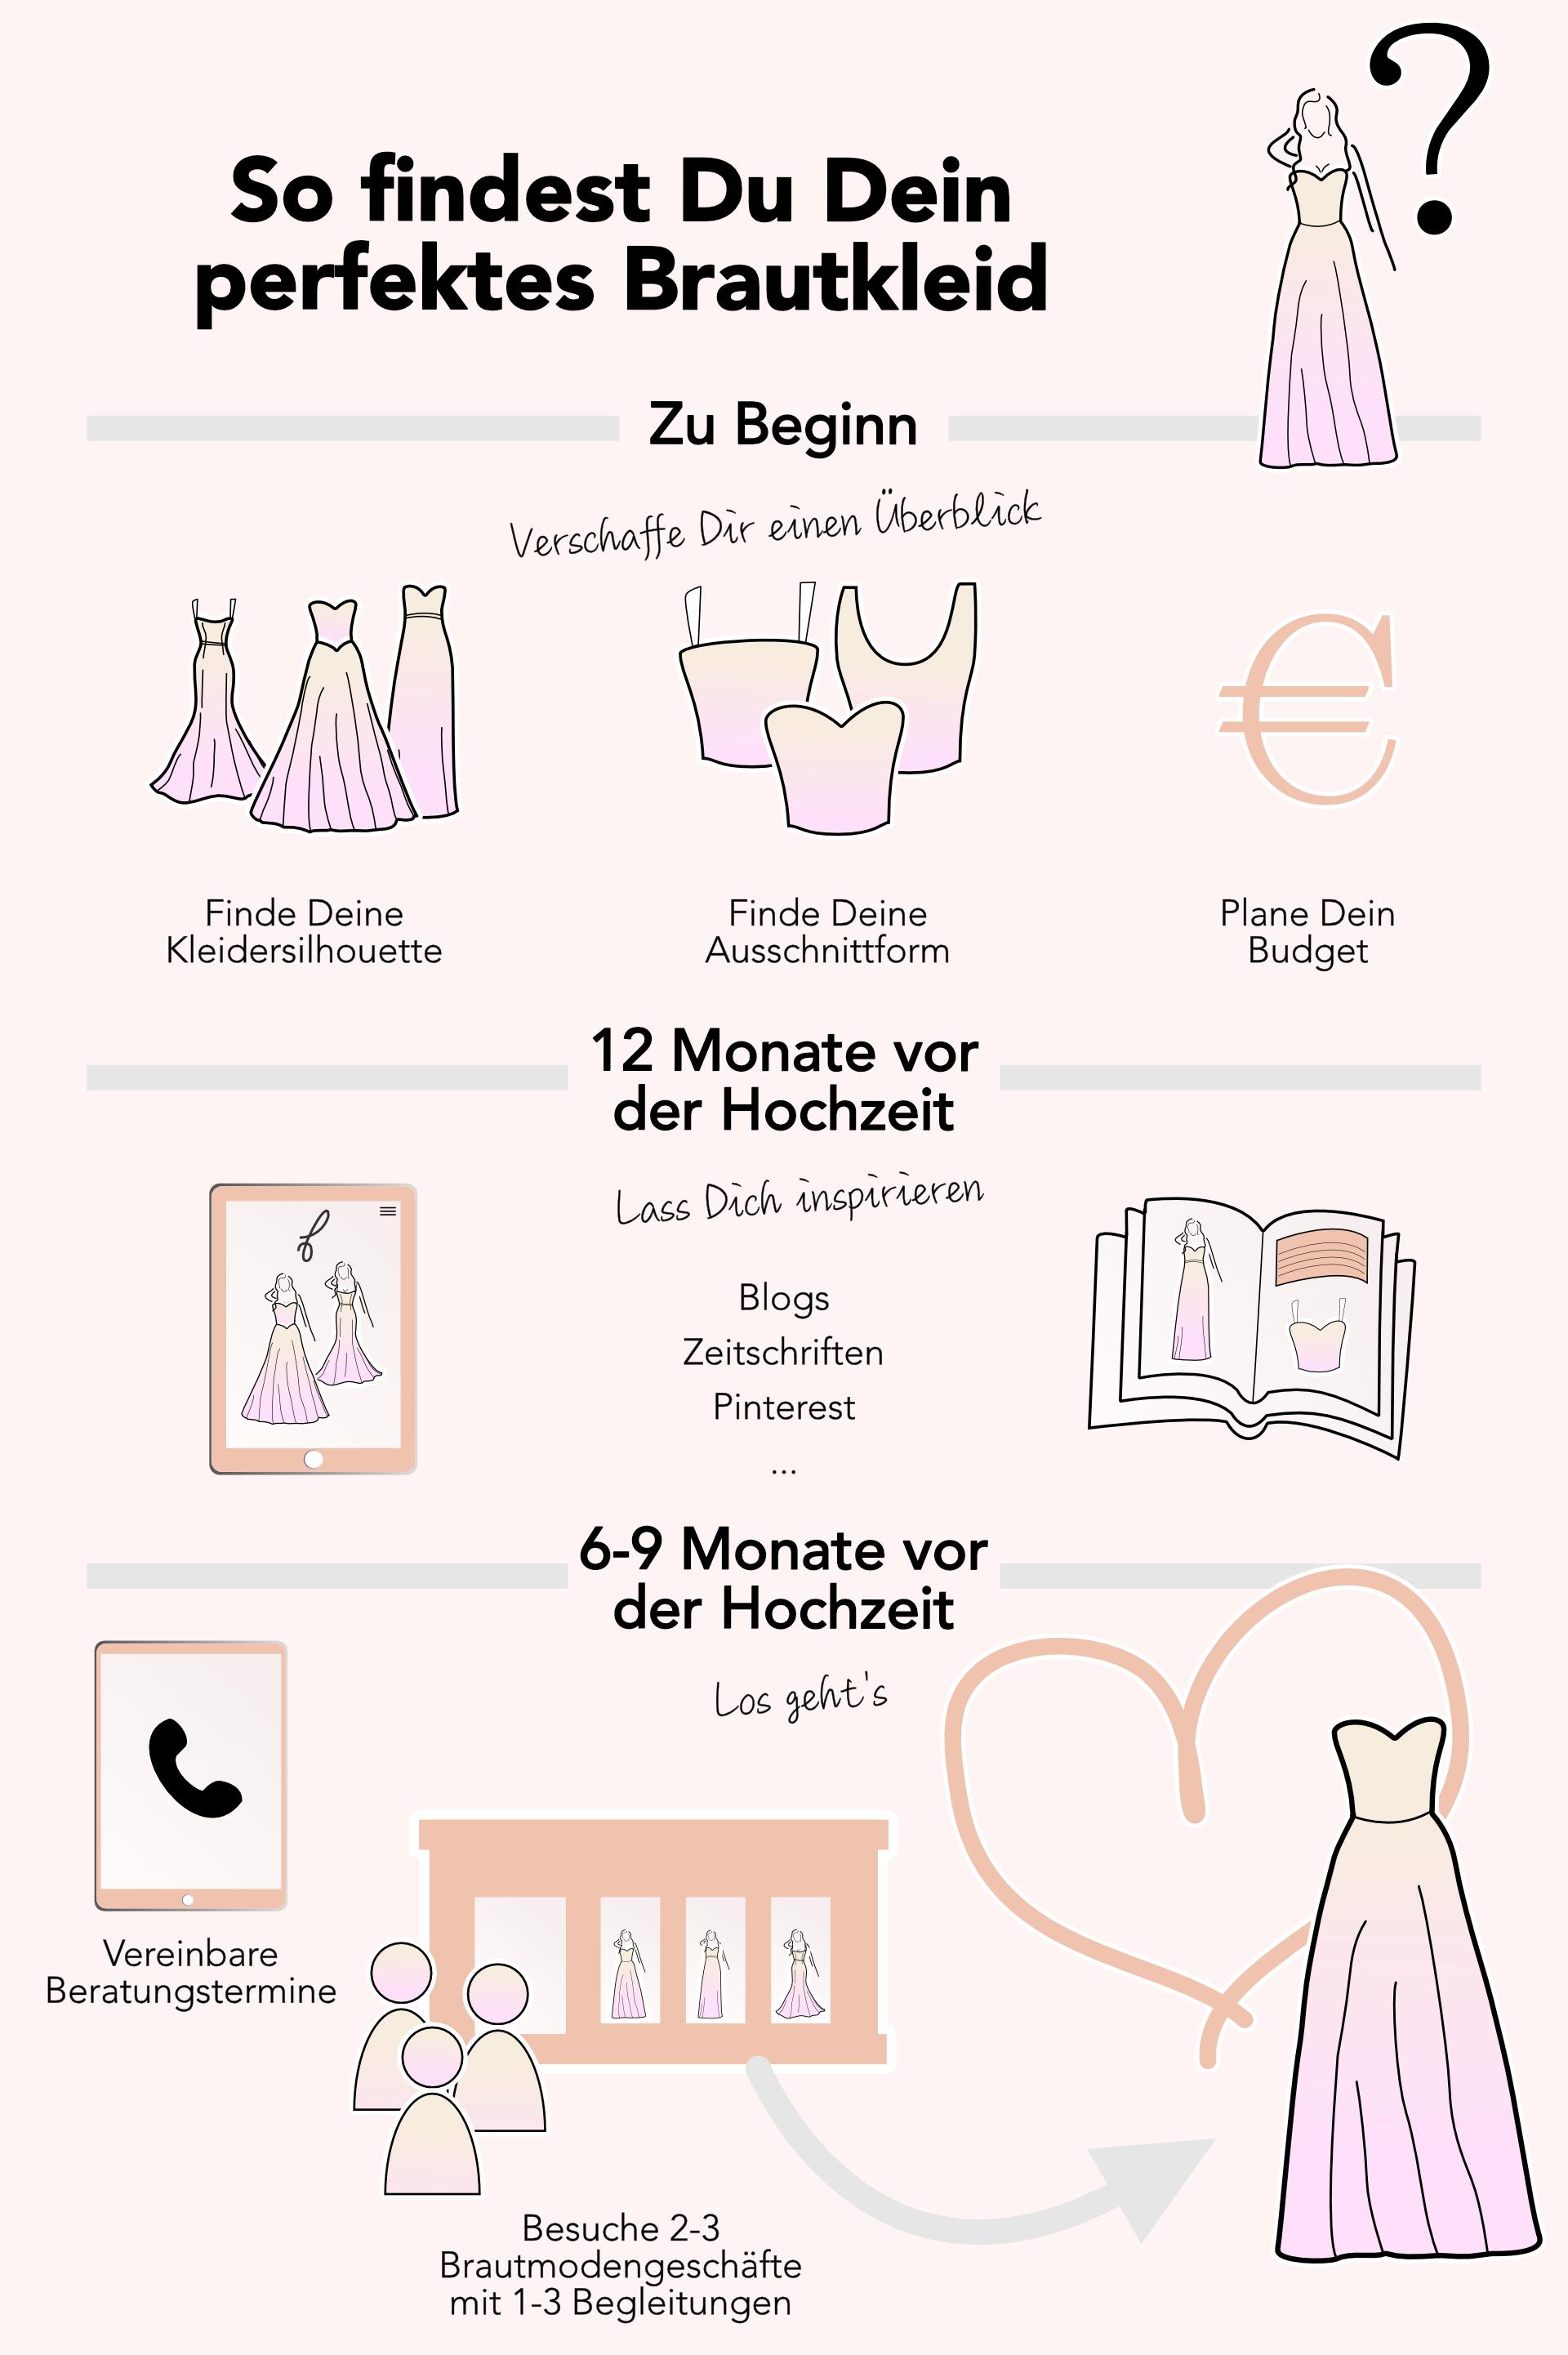 Das Hochzeitskleid - Die 17 häufigsten Fragen rund um die